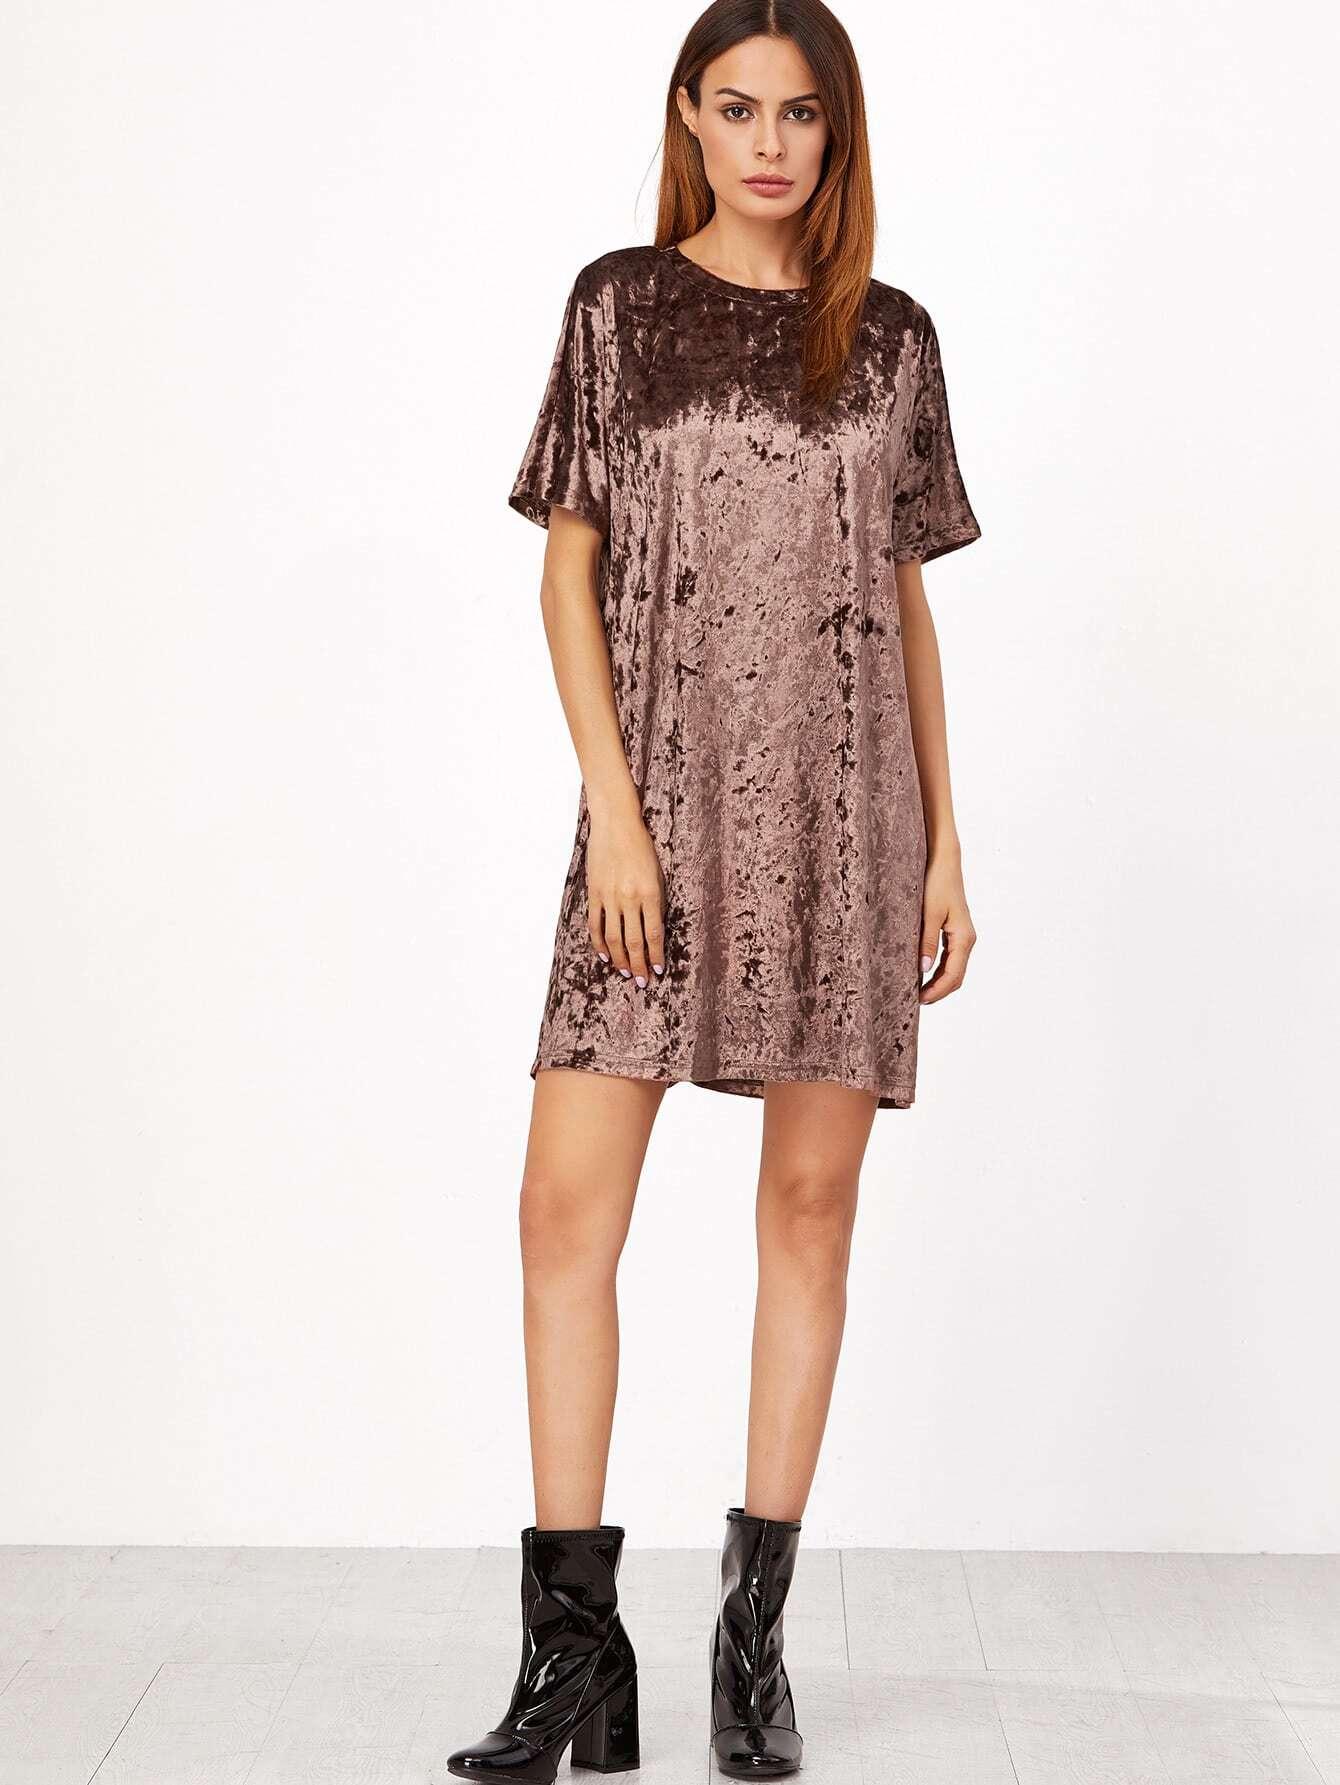 dress161118724_2